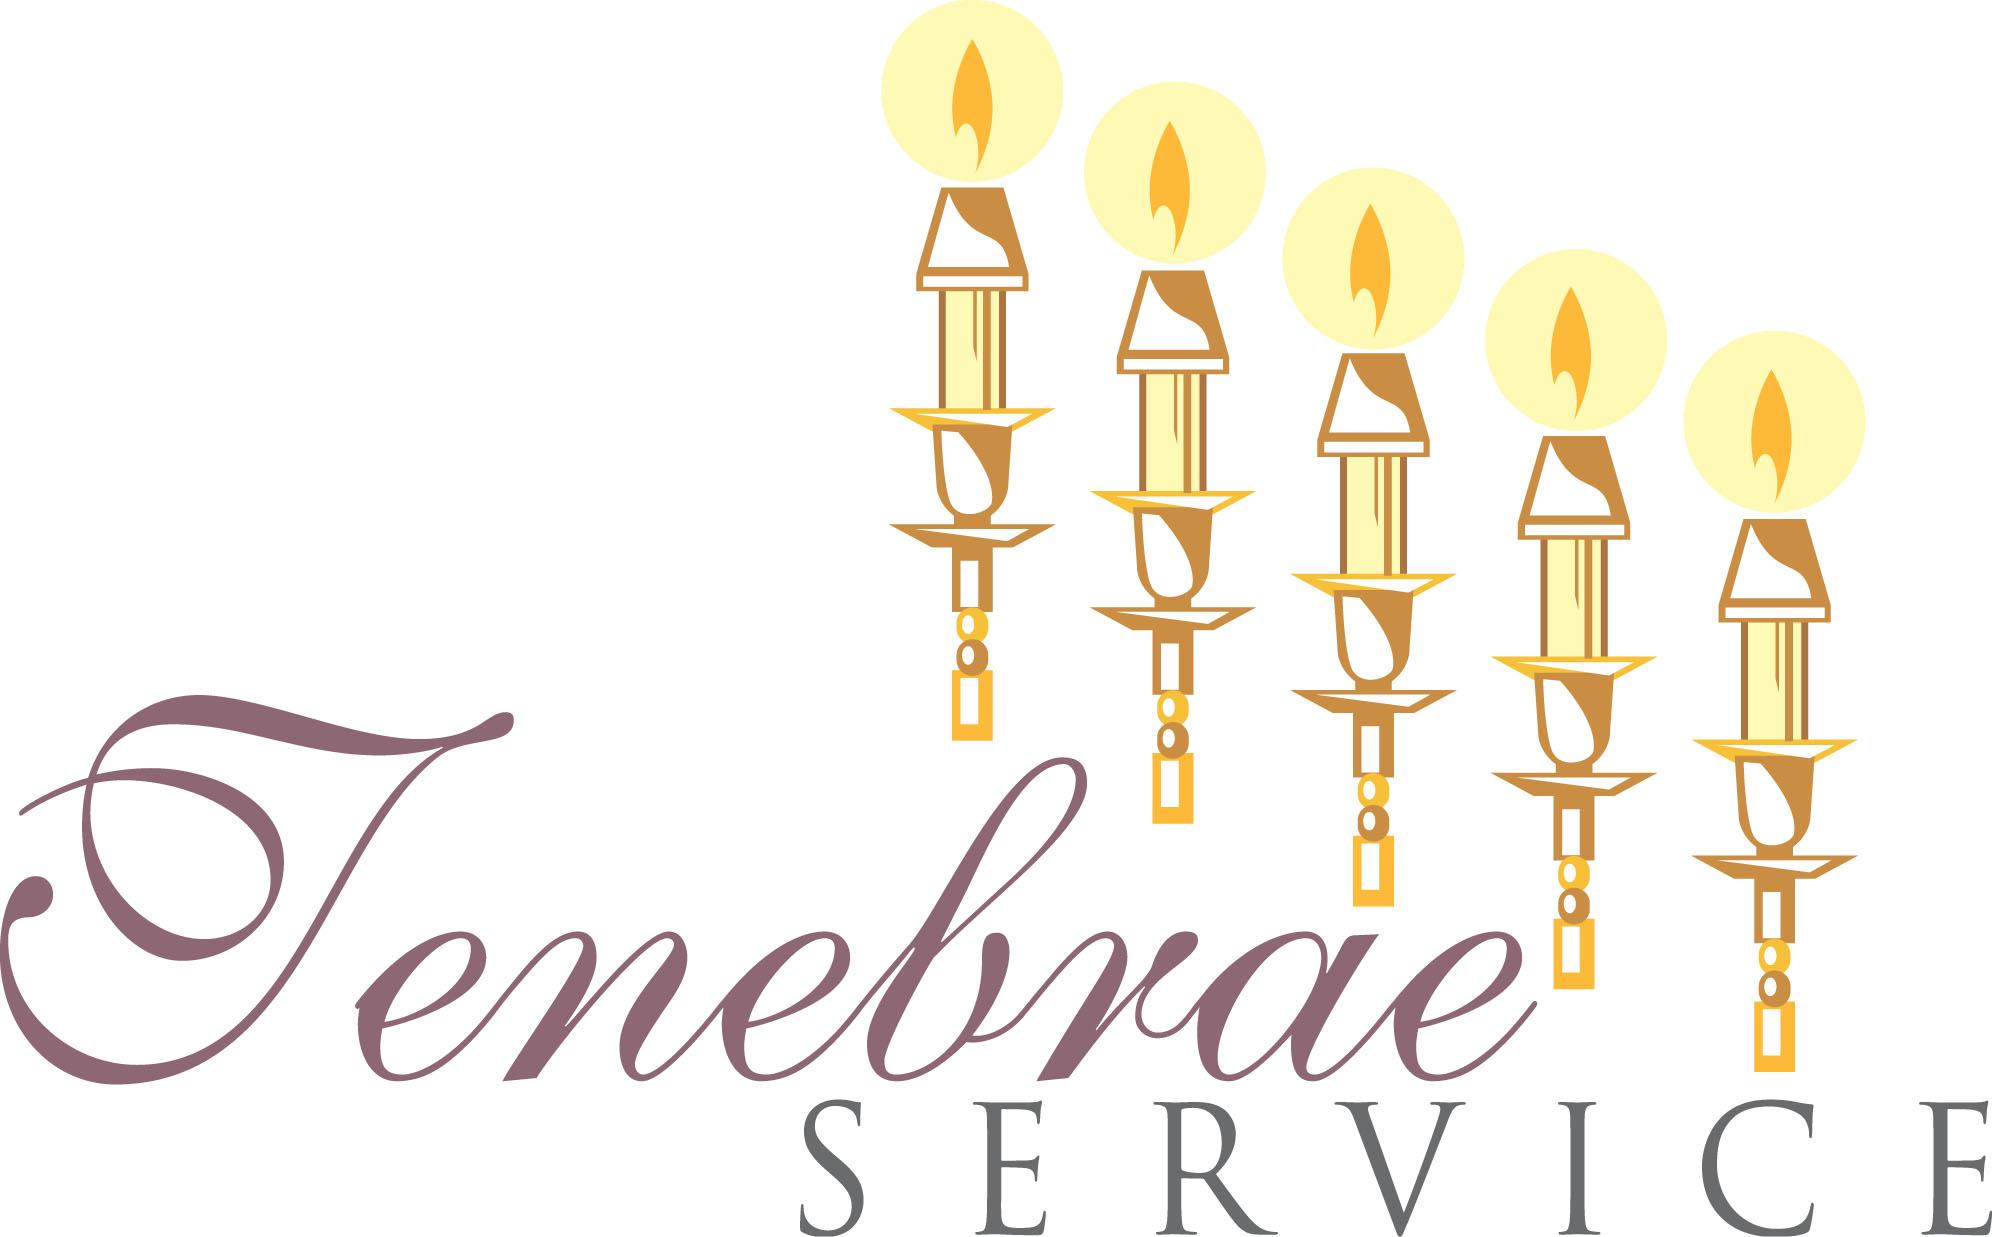 Tenebrae Service Cliparts.